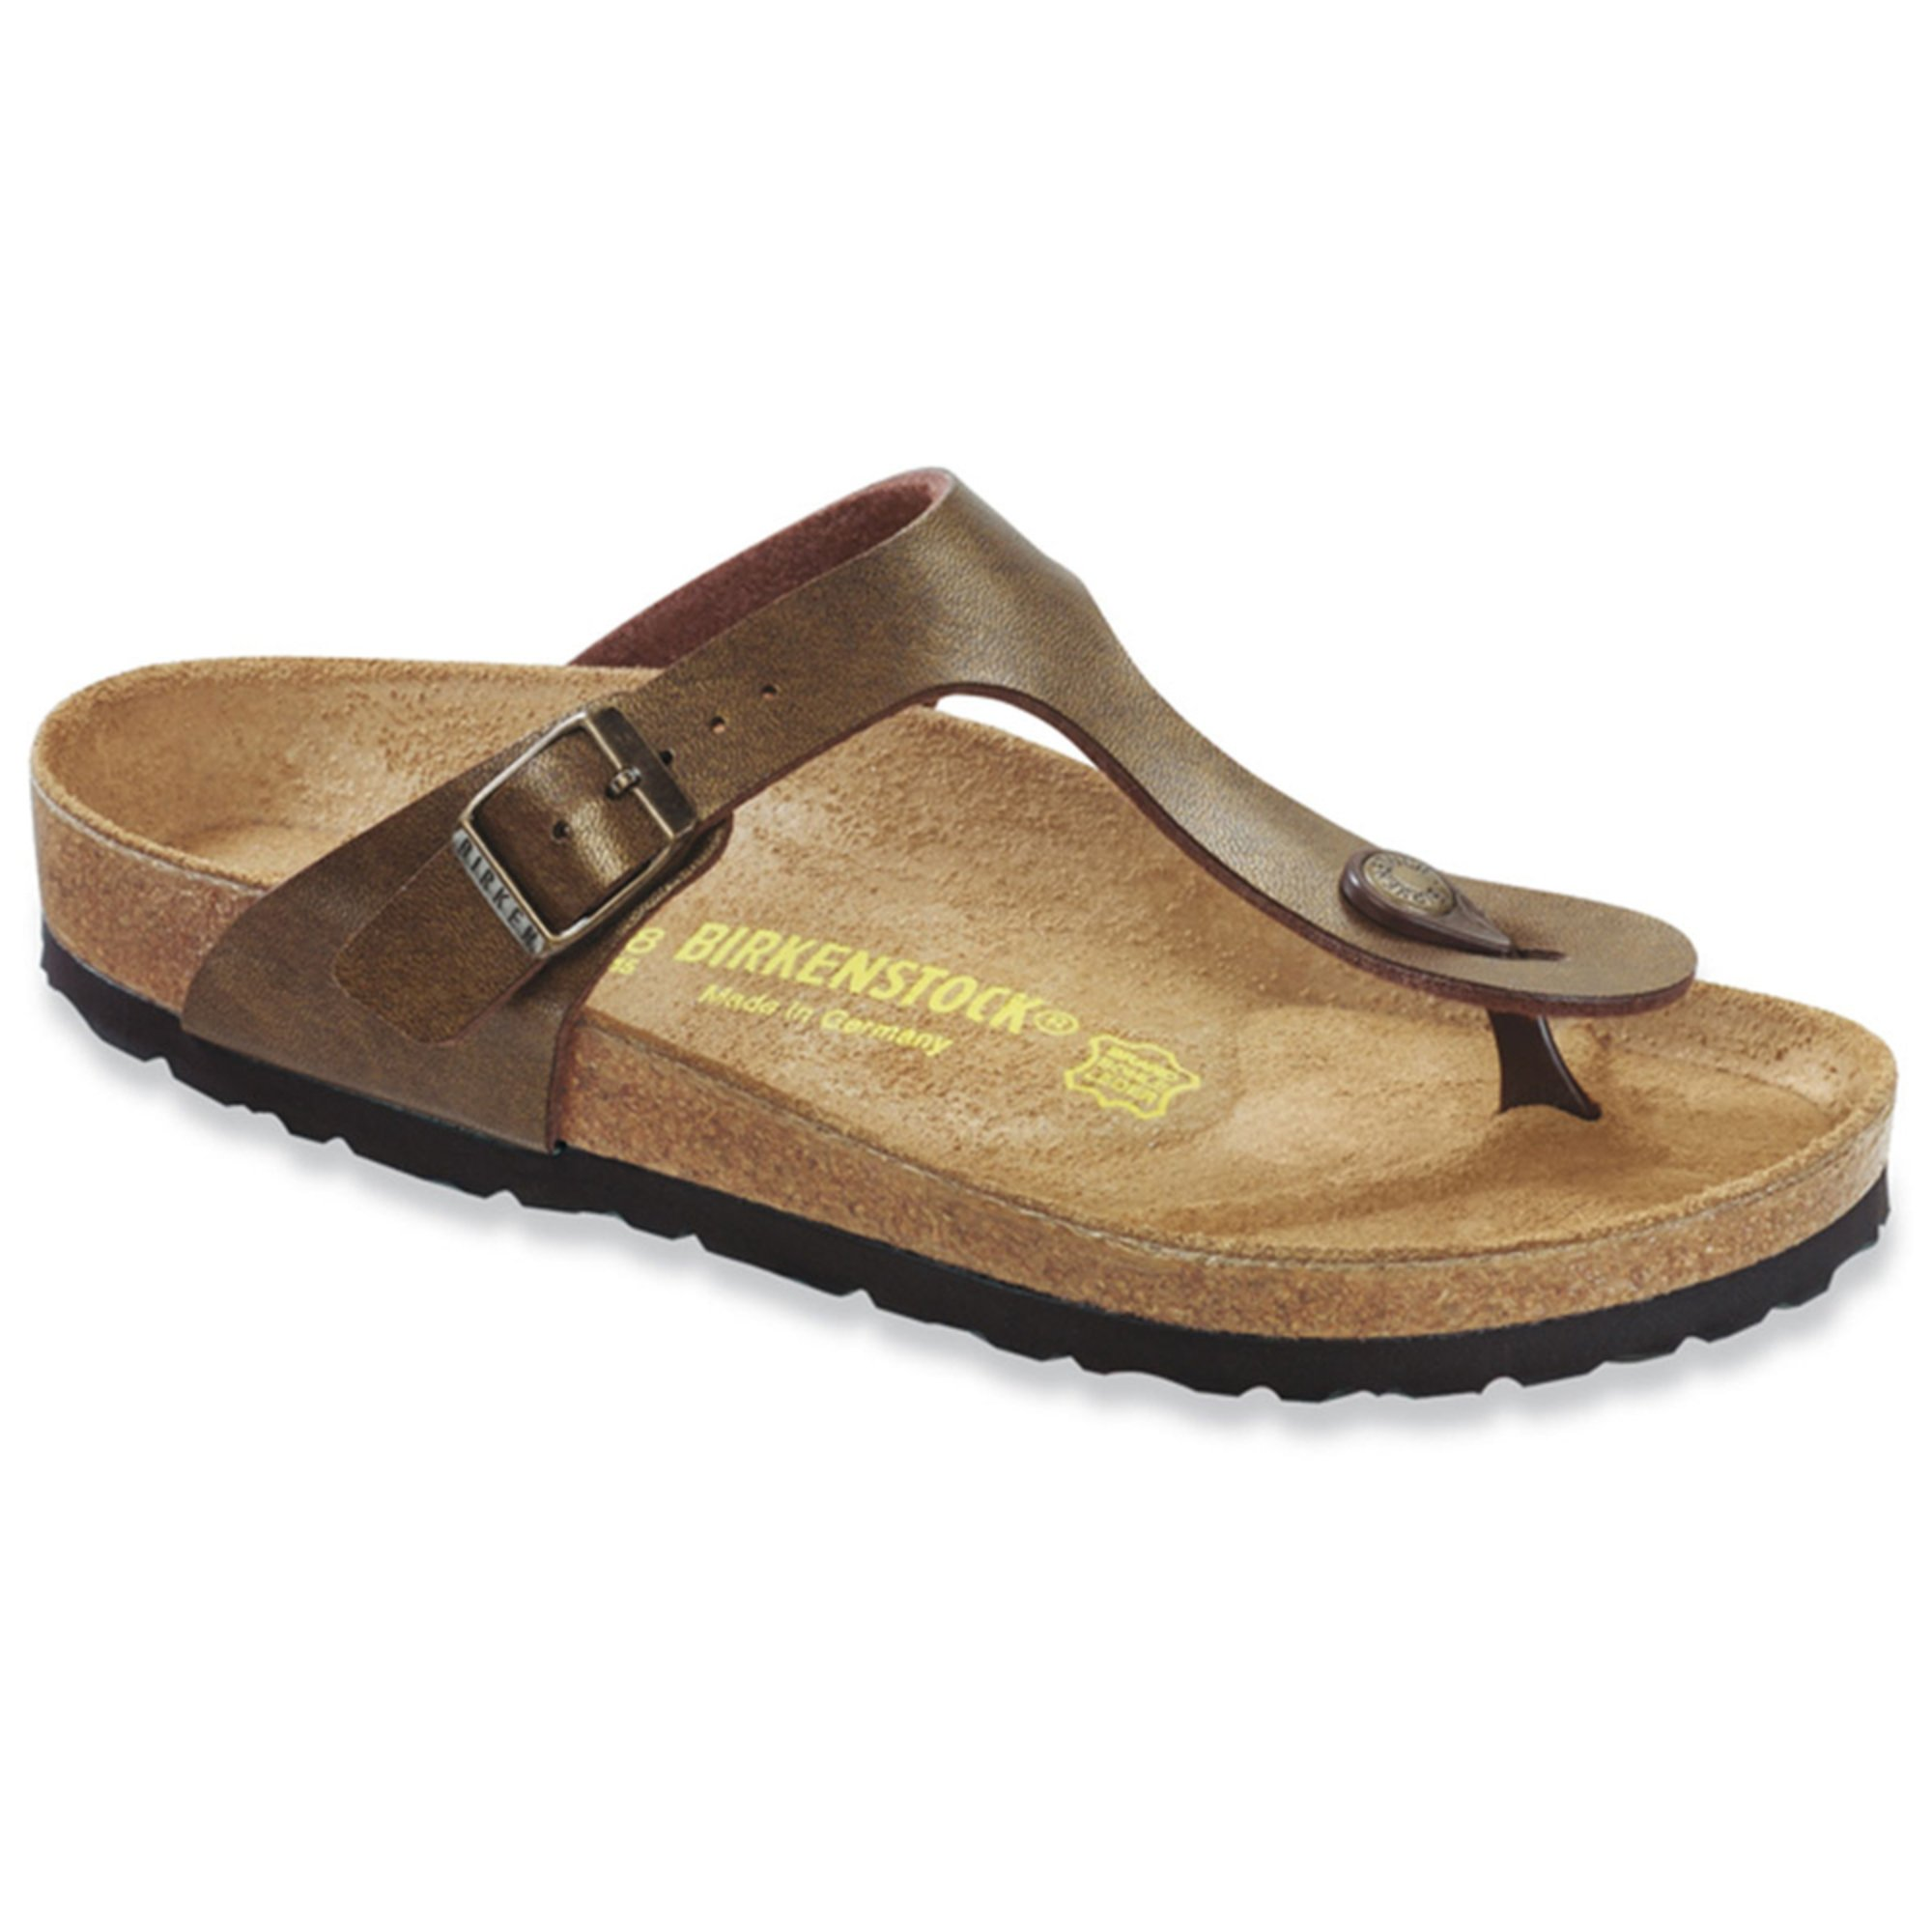 73fce9be1d8 Birkenstock. Birkenstock Women s Gizeh Sandal